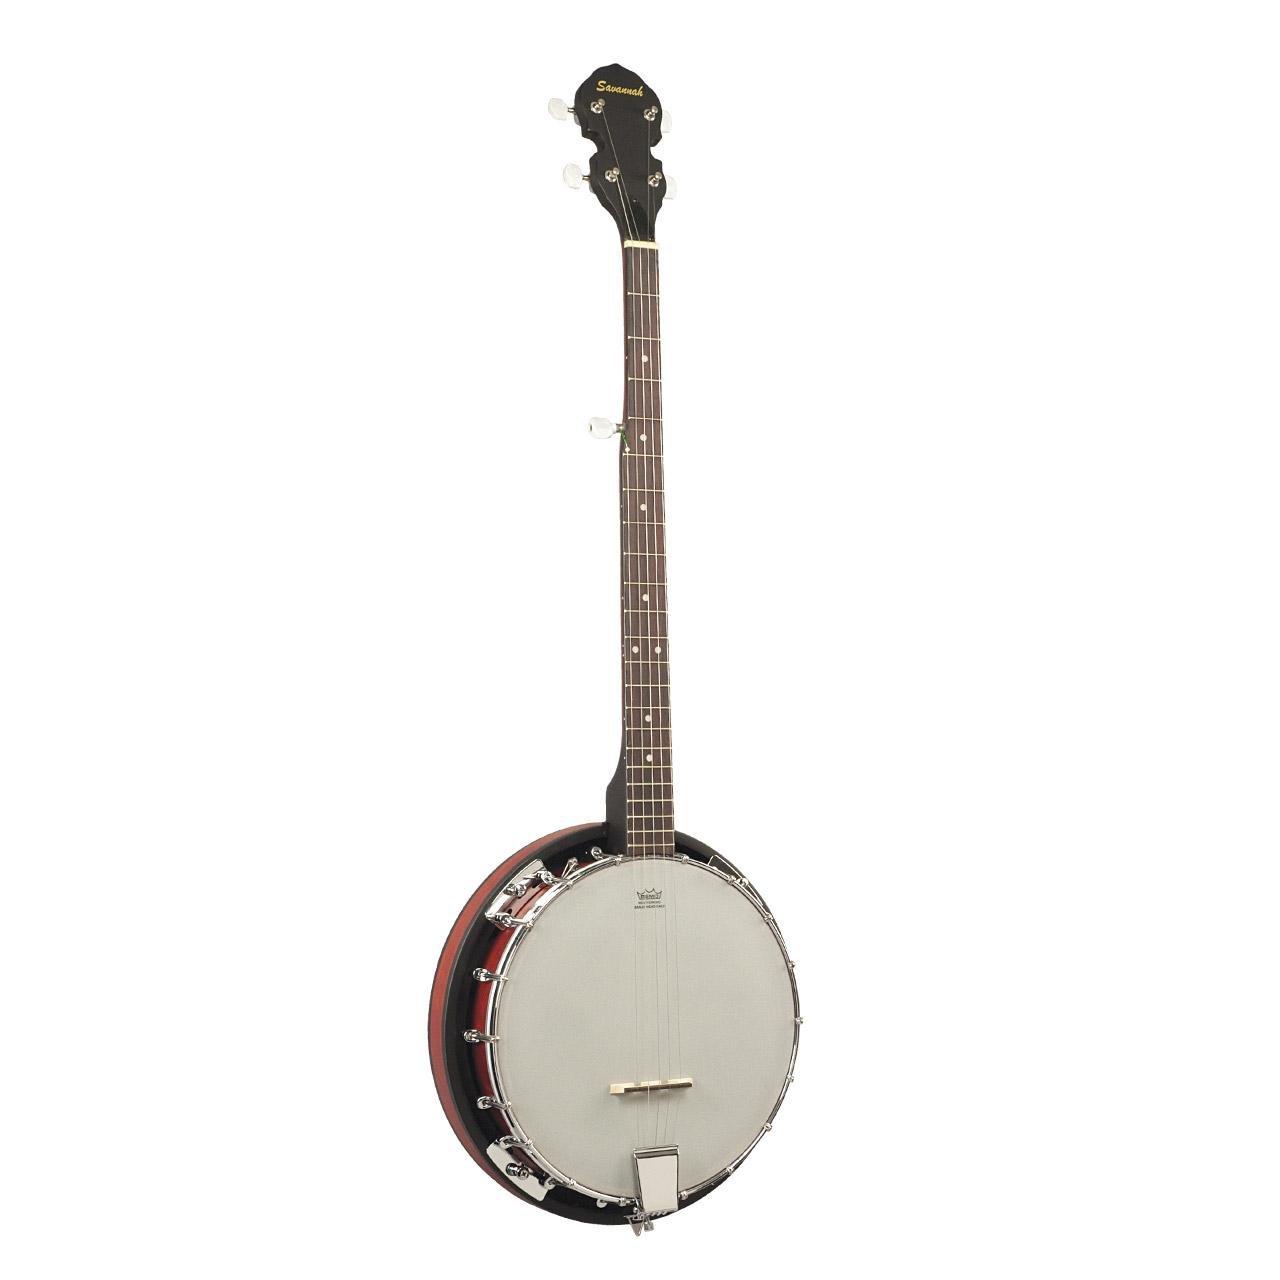 Savannah SB-080 5-String Resonator Banjo